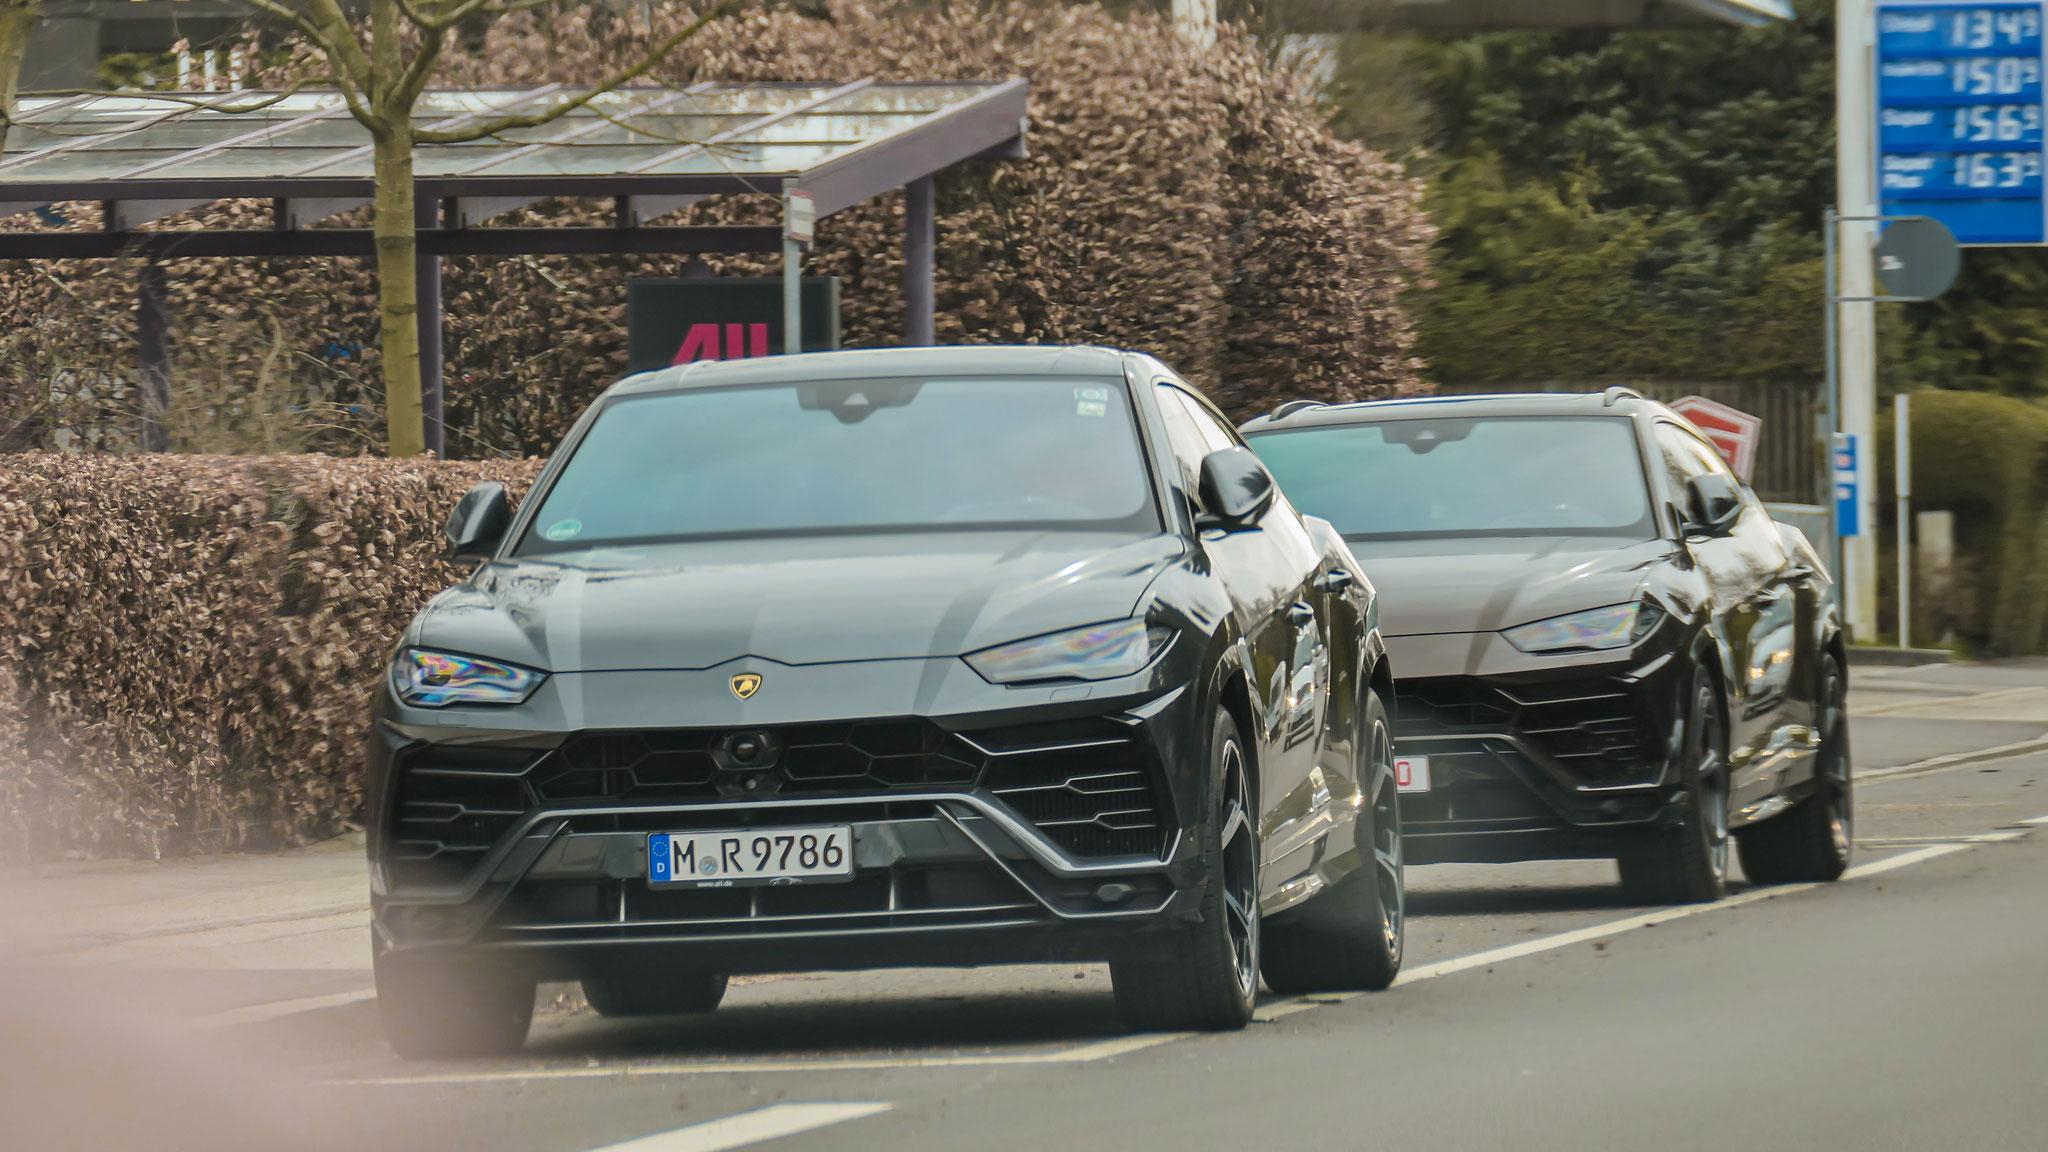 Lamborghini Urus - M-R-9786